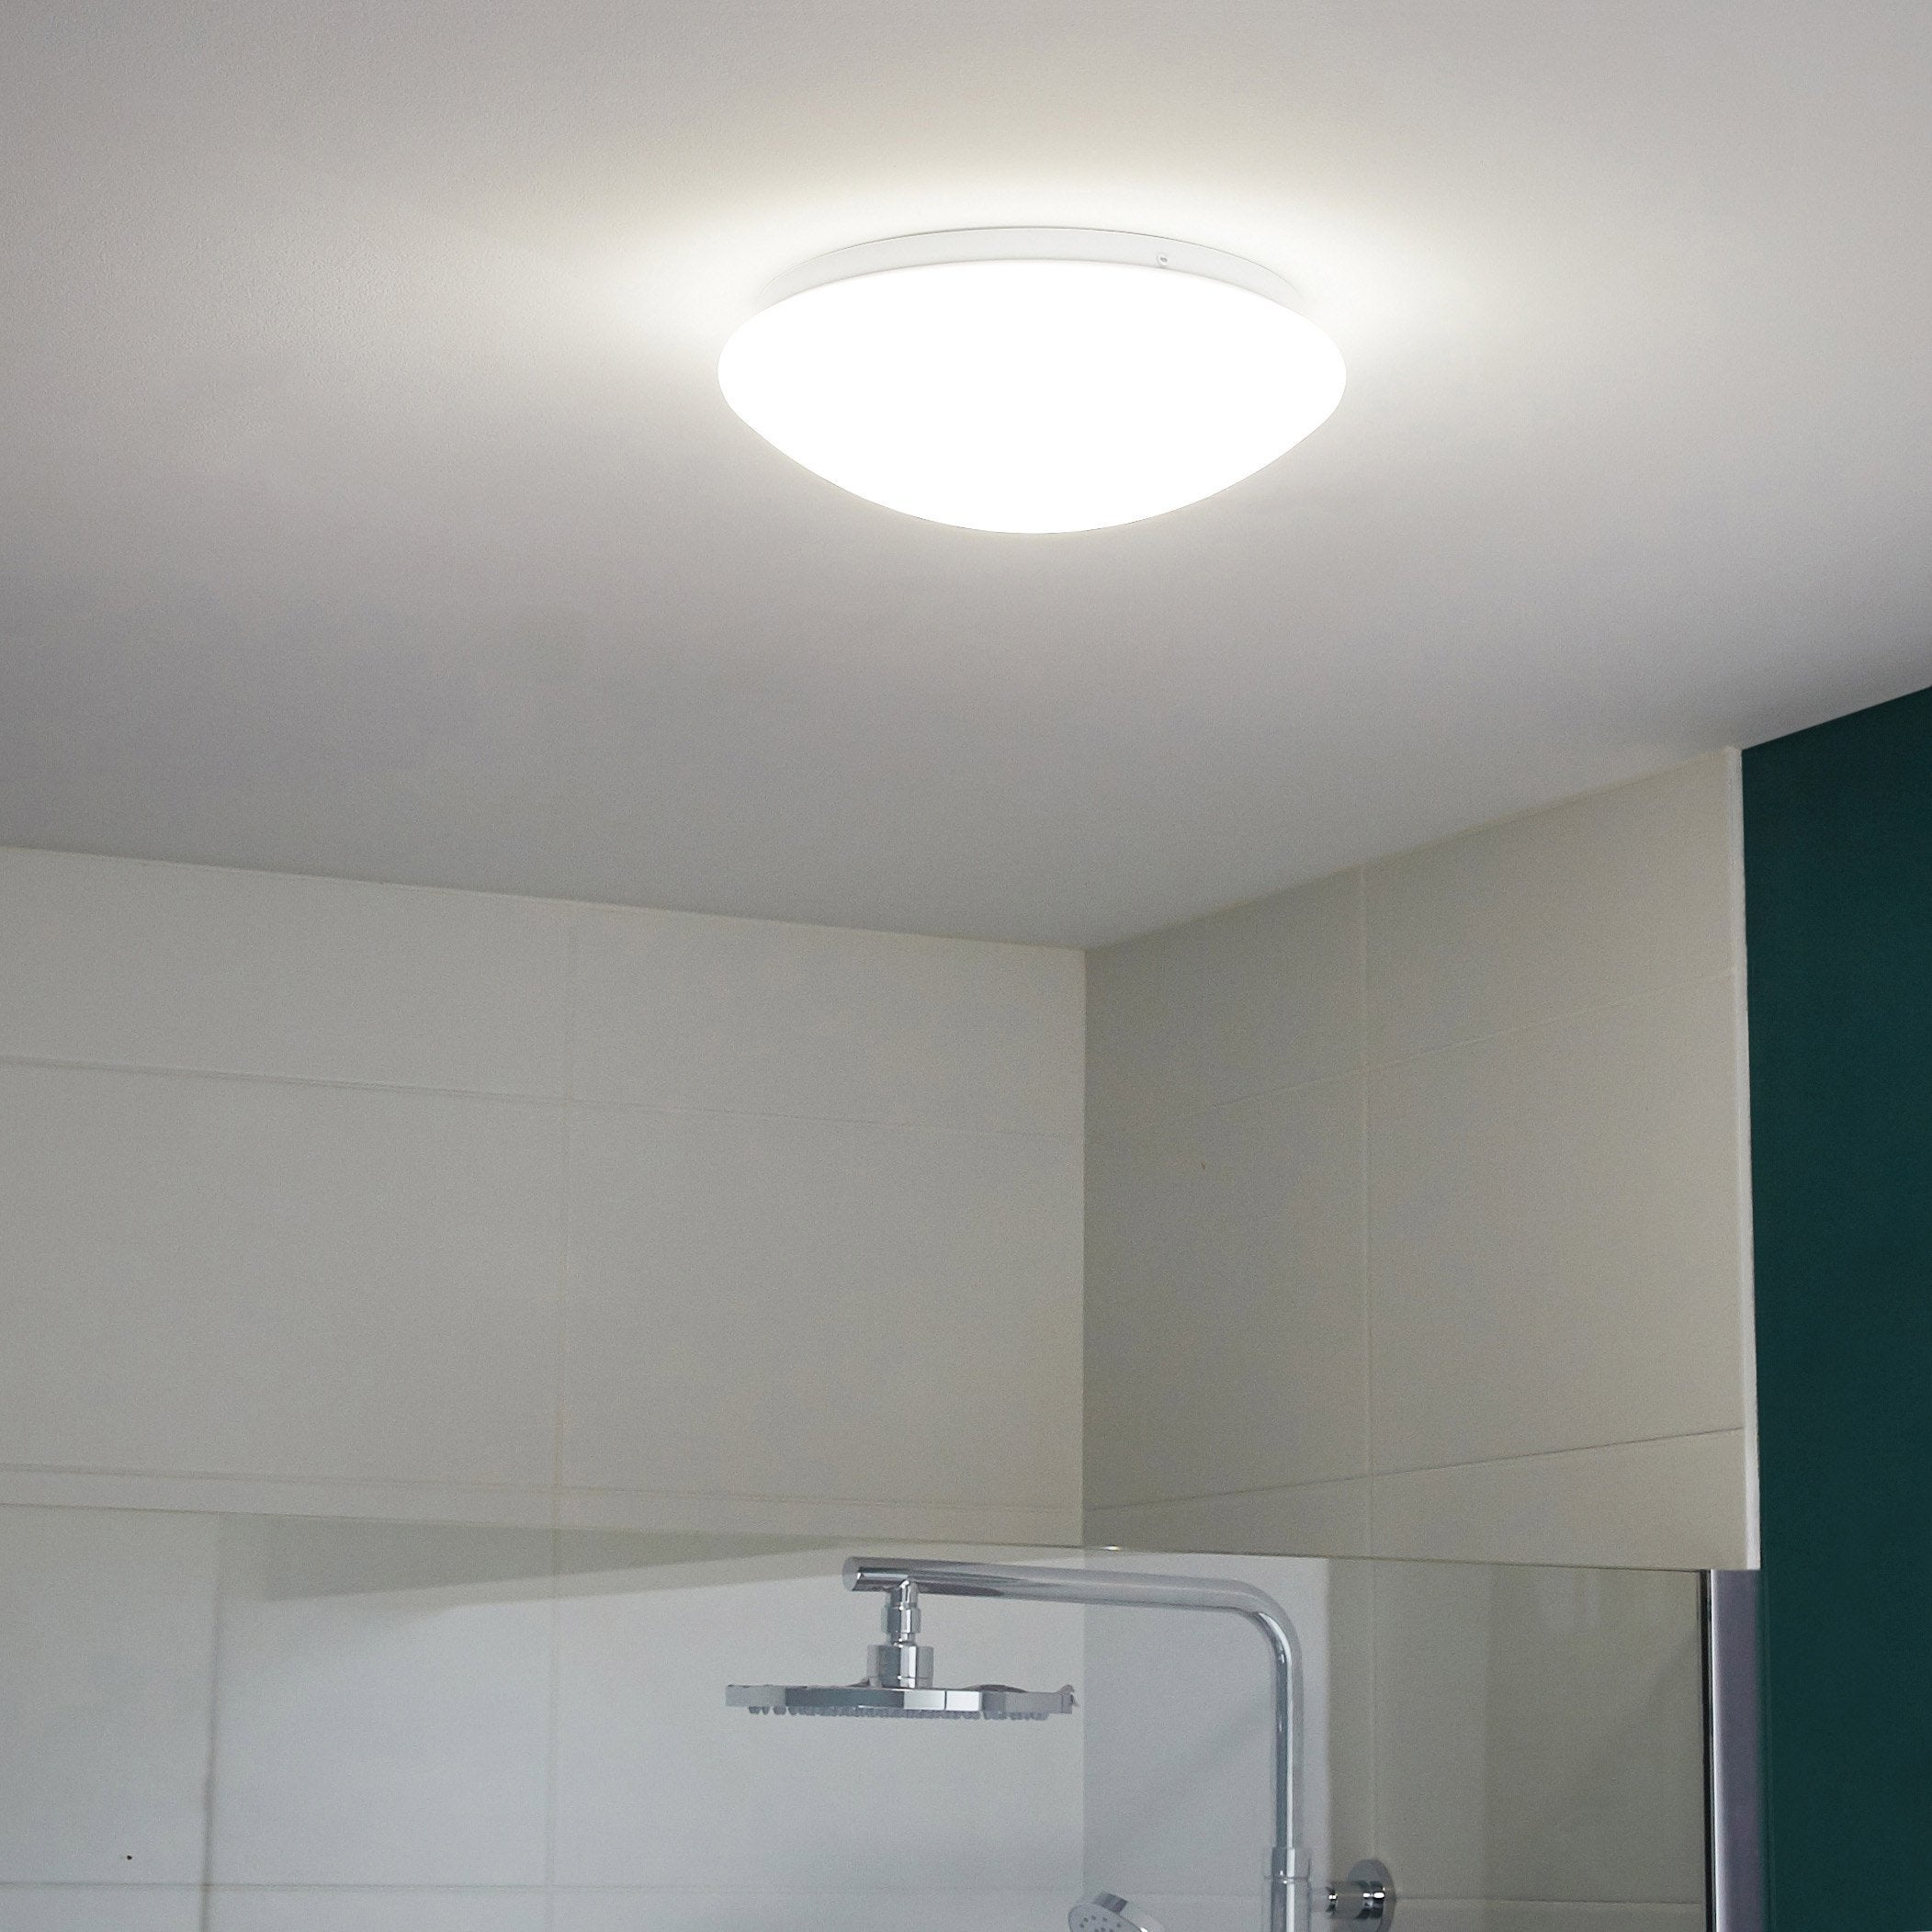 Plafonnier, classique plastique LED intégrée, blanc froid, Madyled D.25 cm